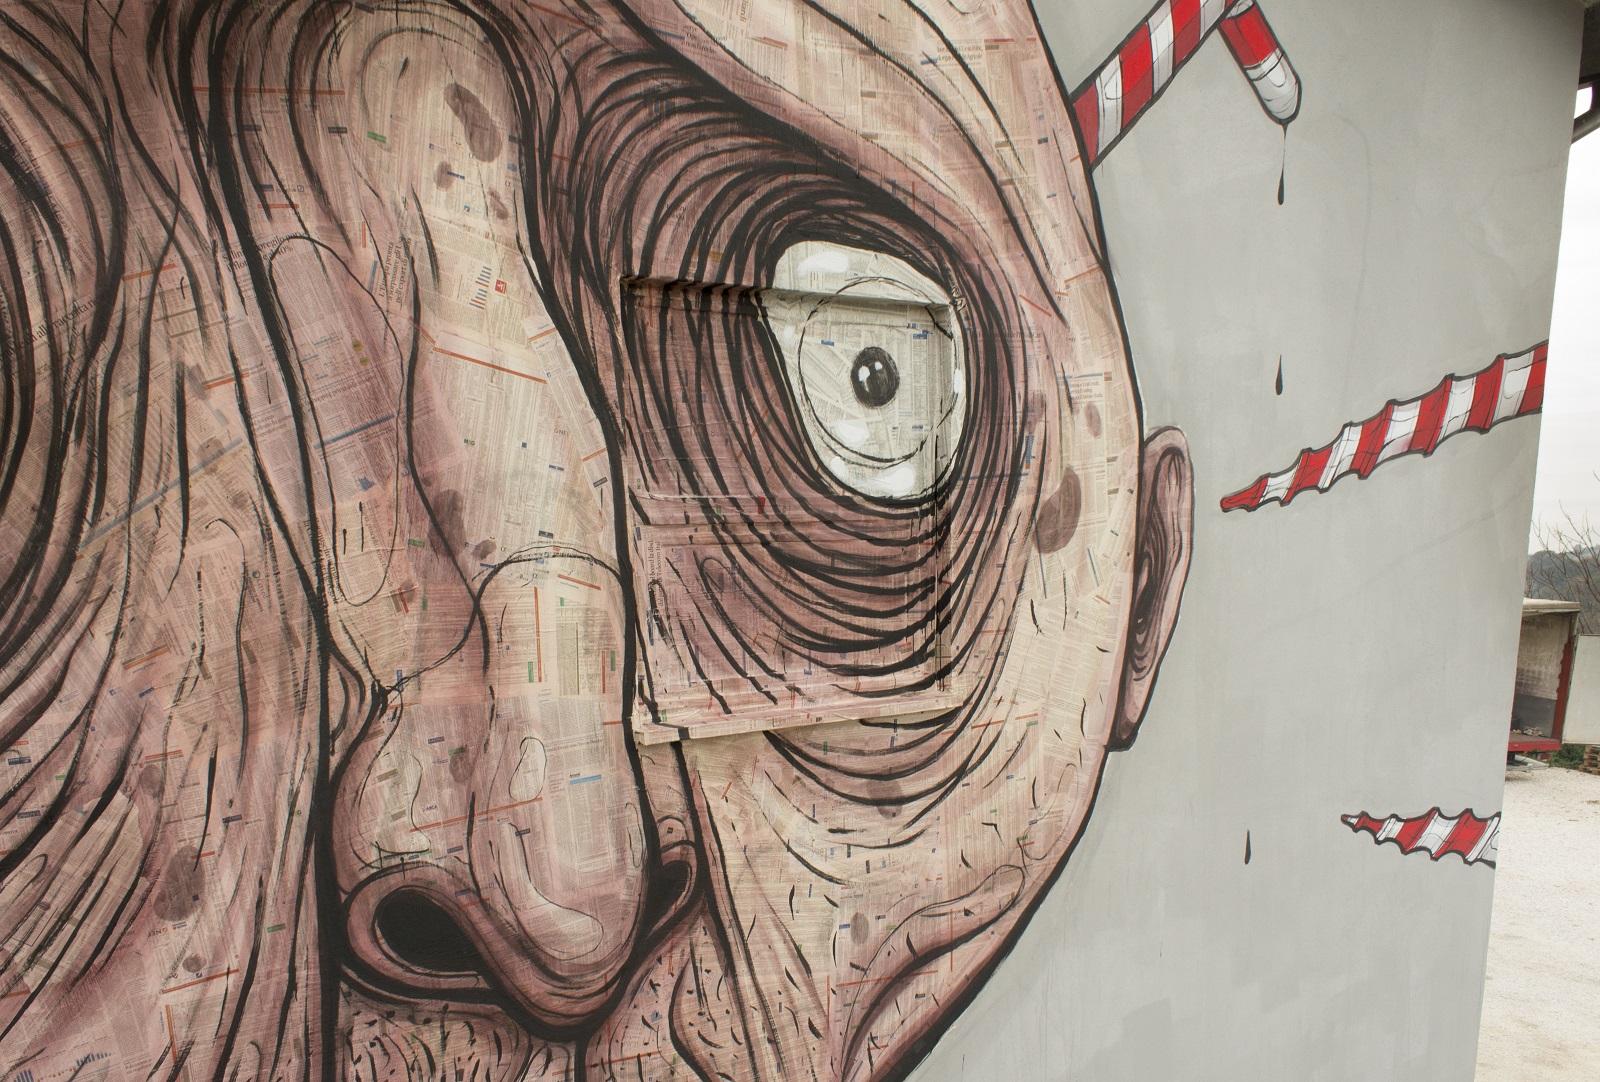 nemos-trim-new-mural-in-bonito-05